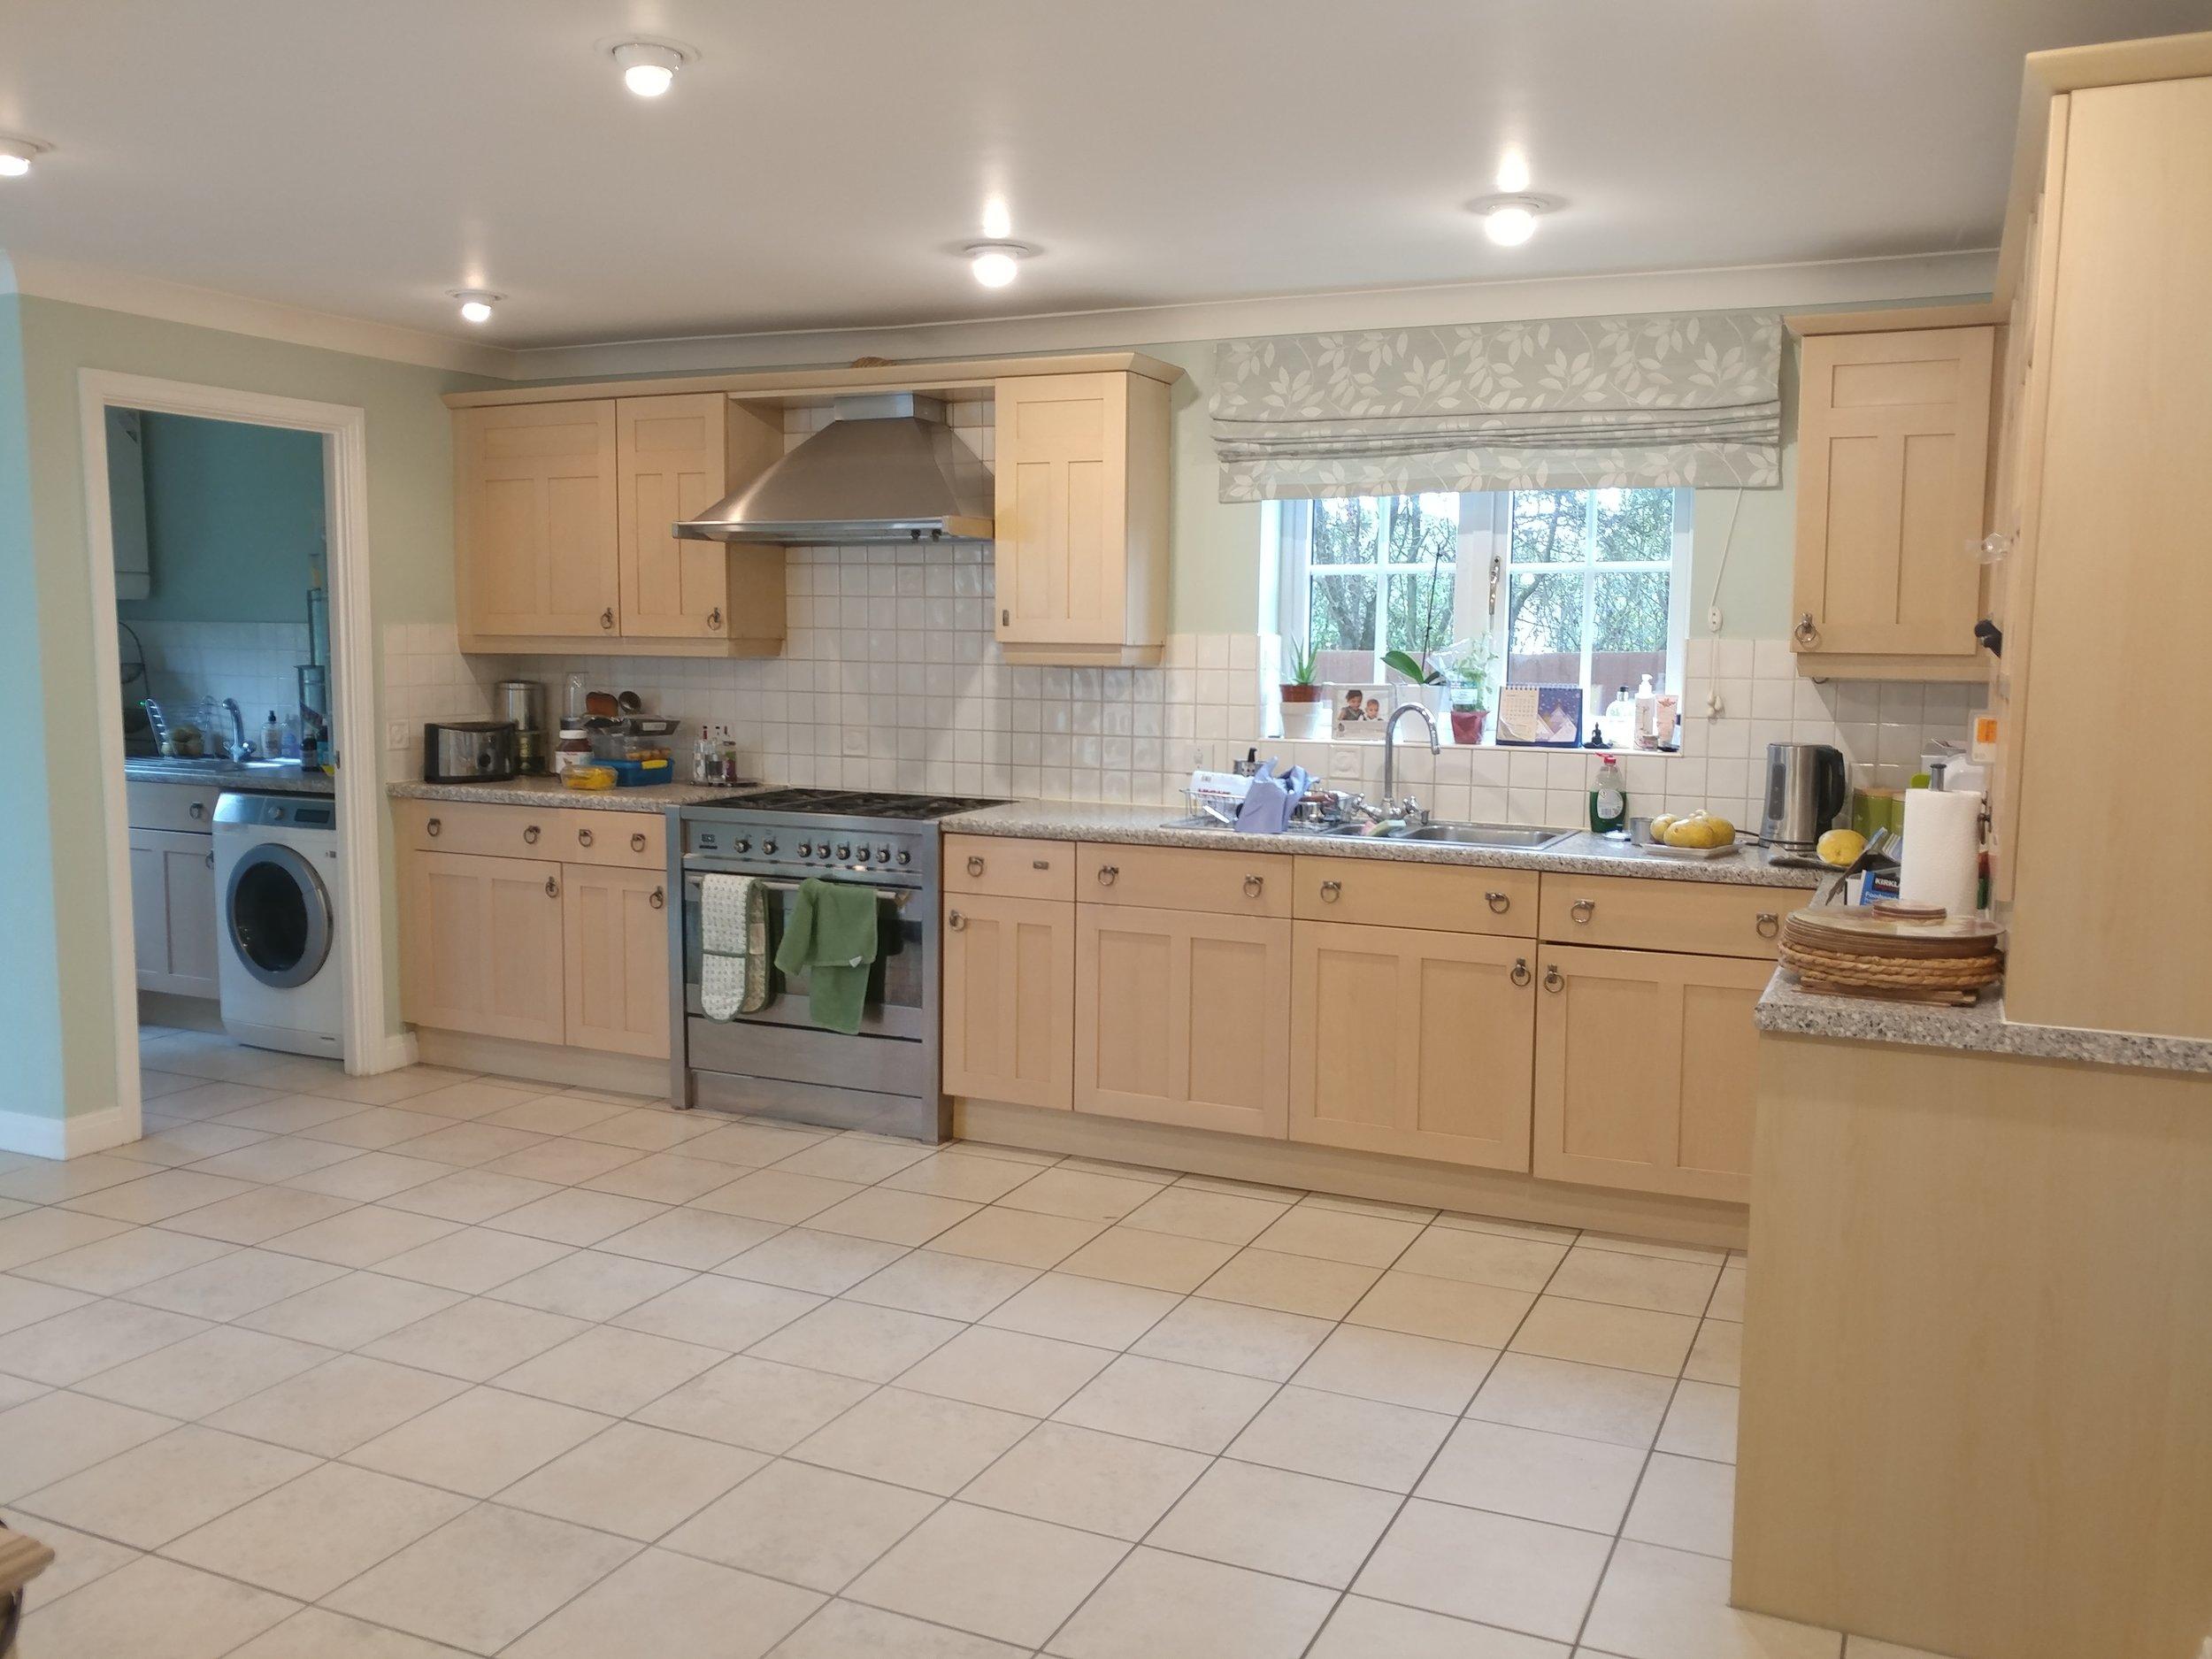 Kitchen bedford before.jpg